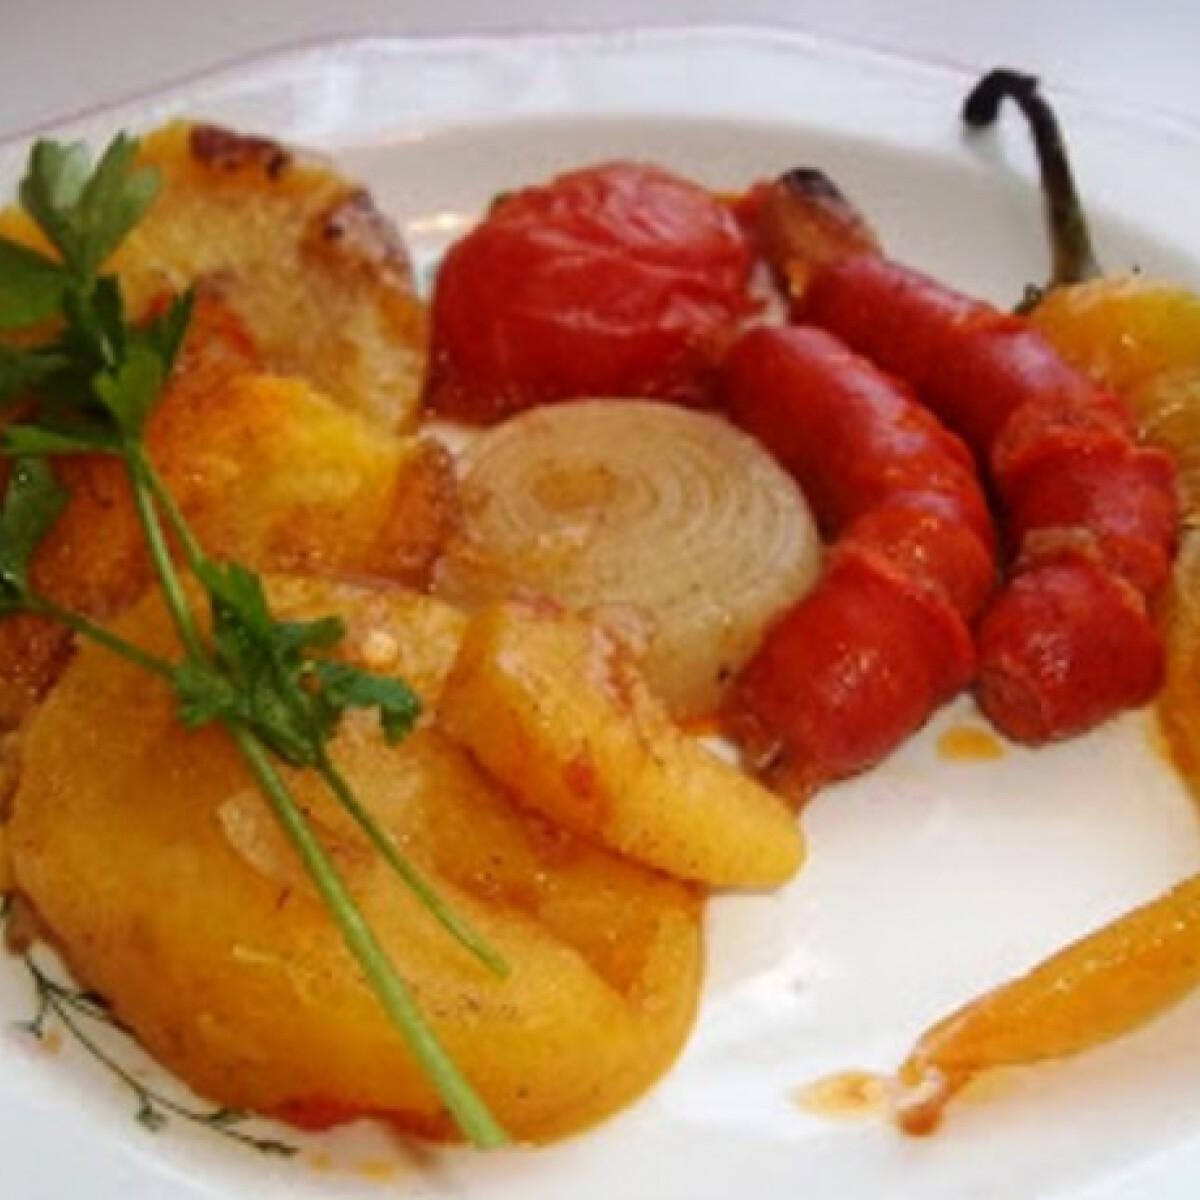 Ezen a képen: Sült kolbászkák krumplival és zöldségekkel